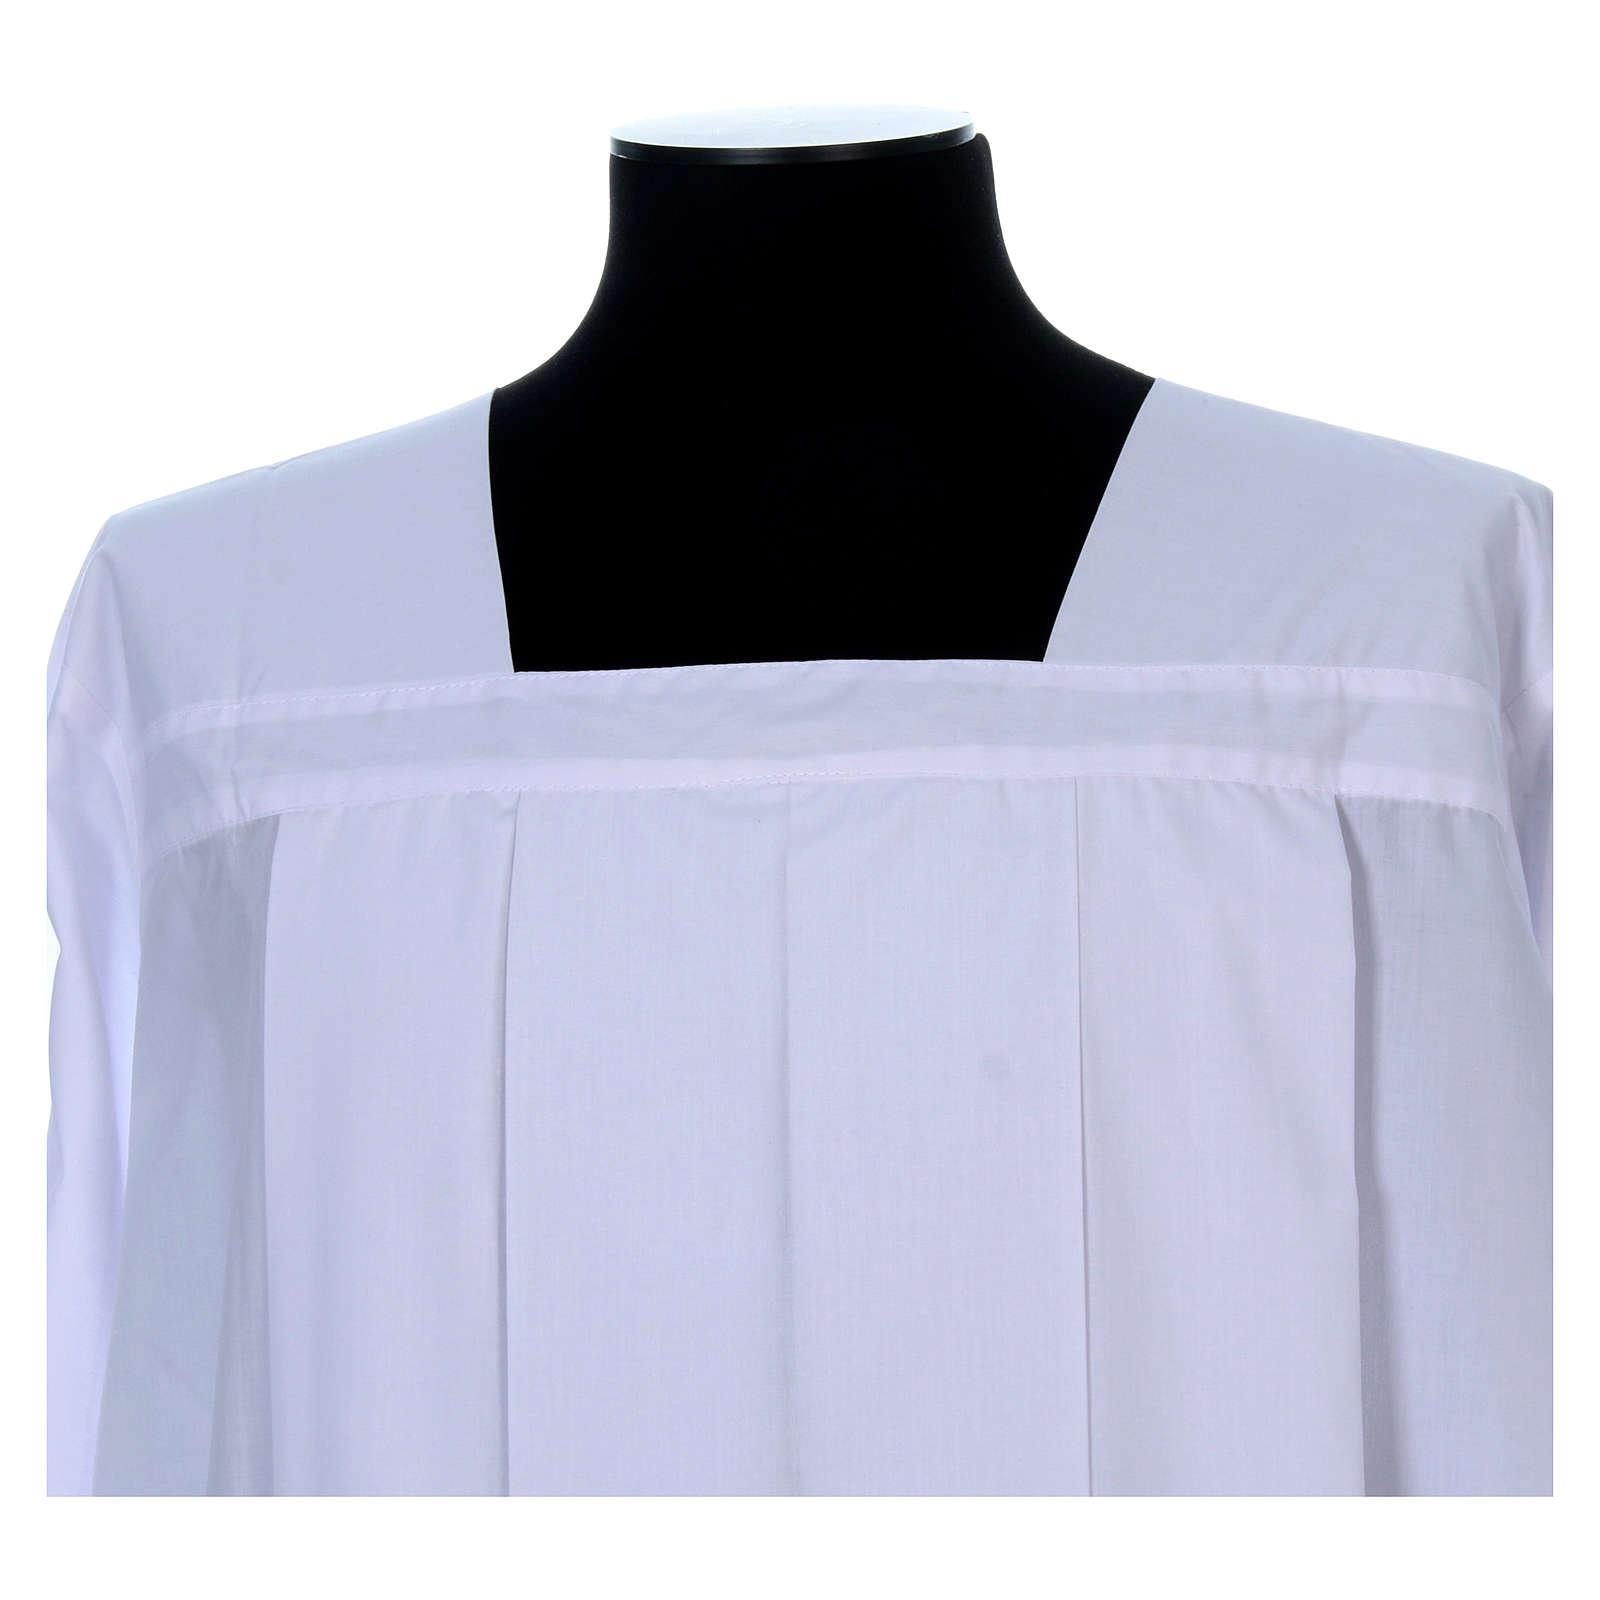 Alva para amito branca pregas gola quadrada misto algodão 4